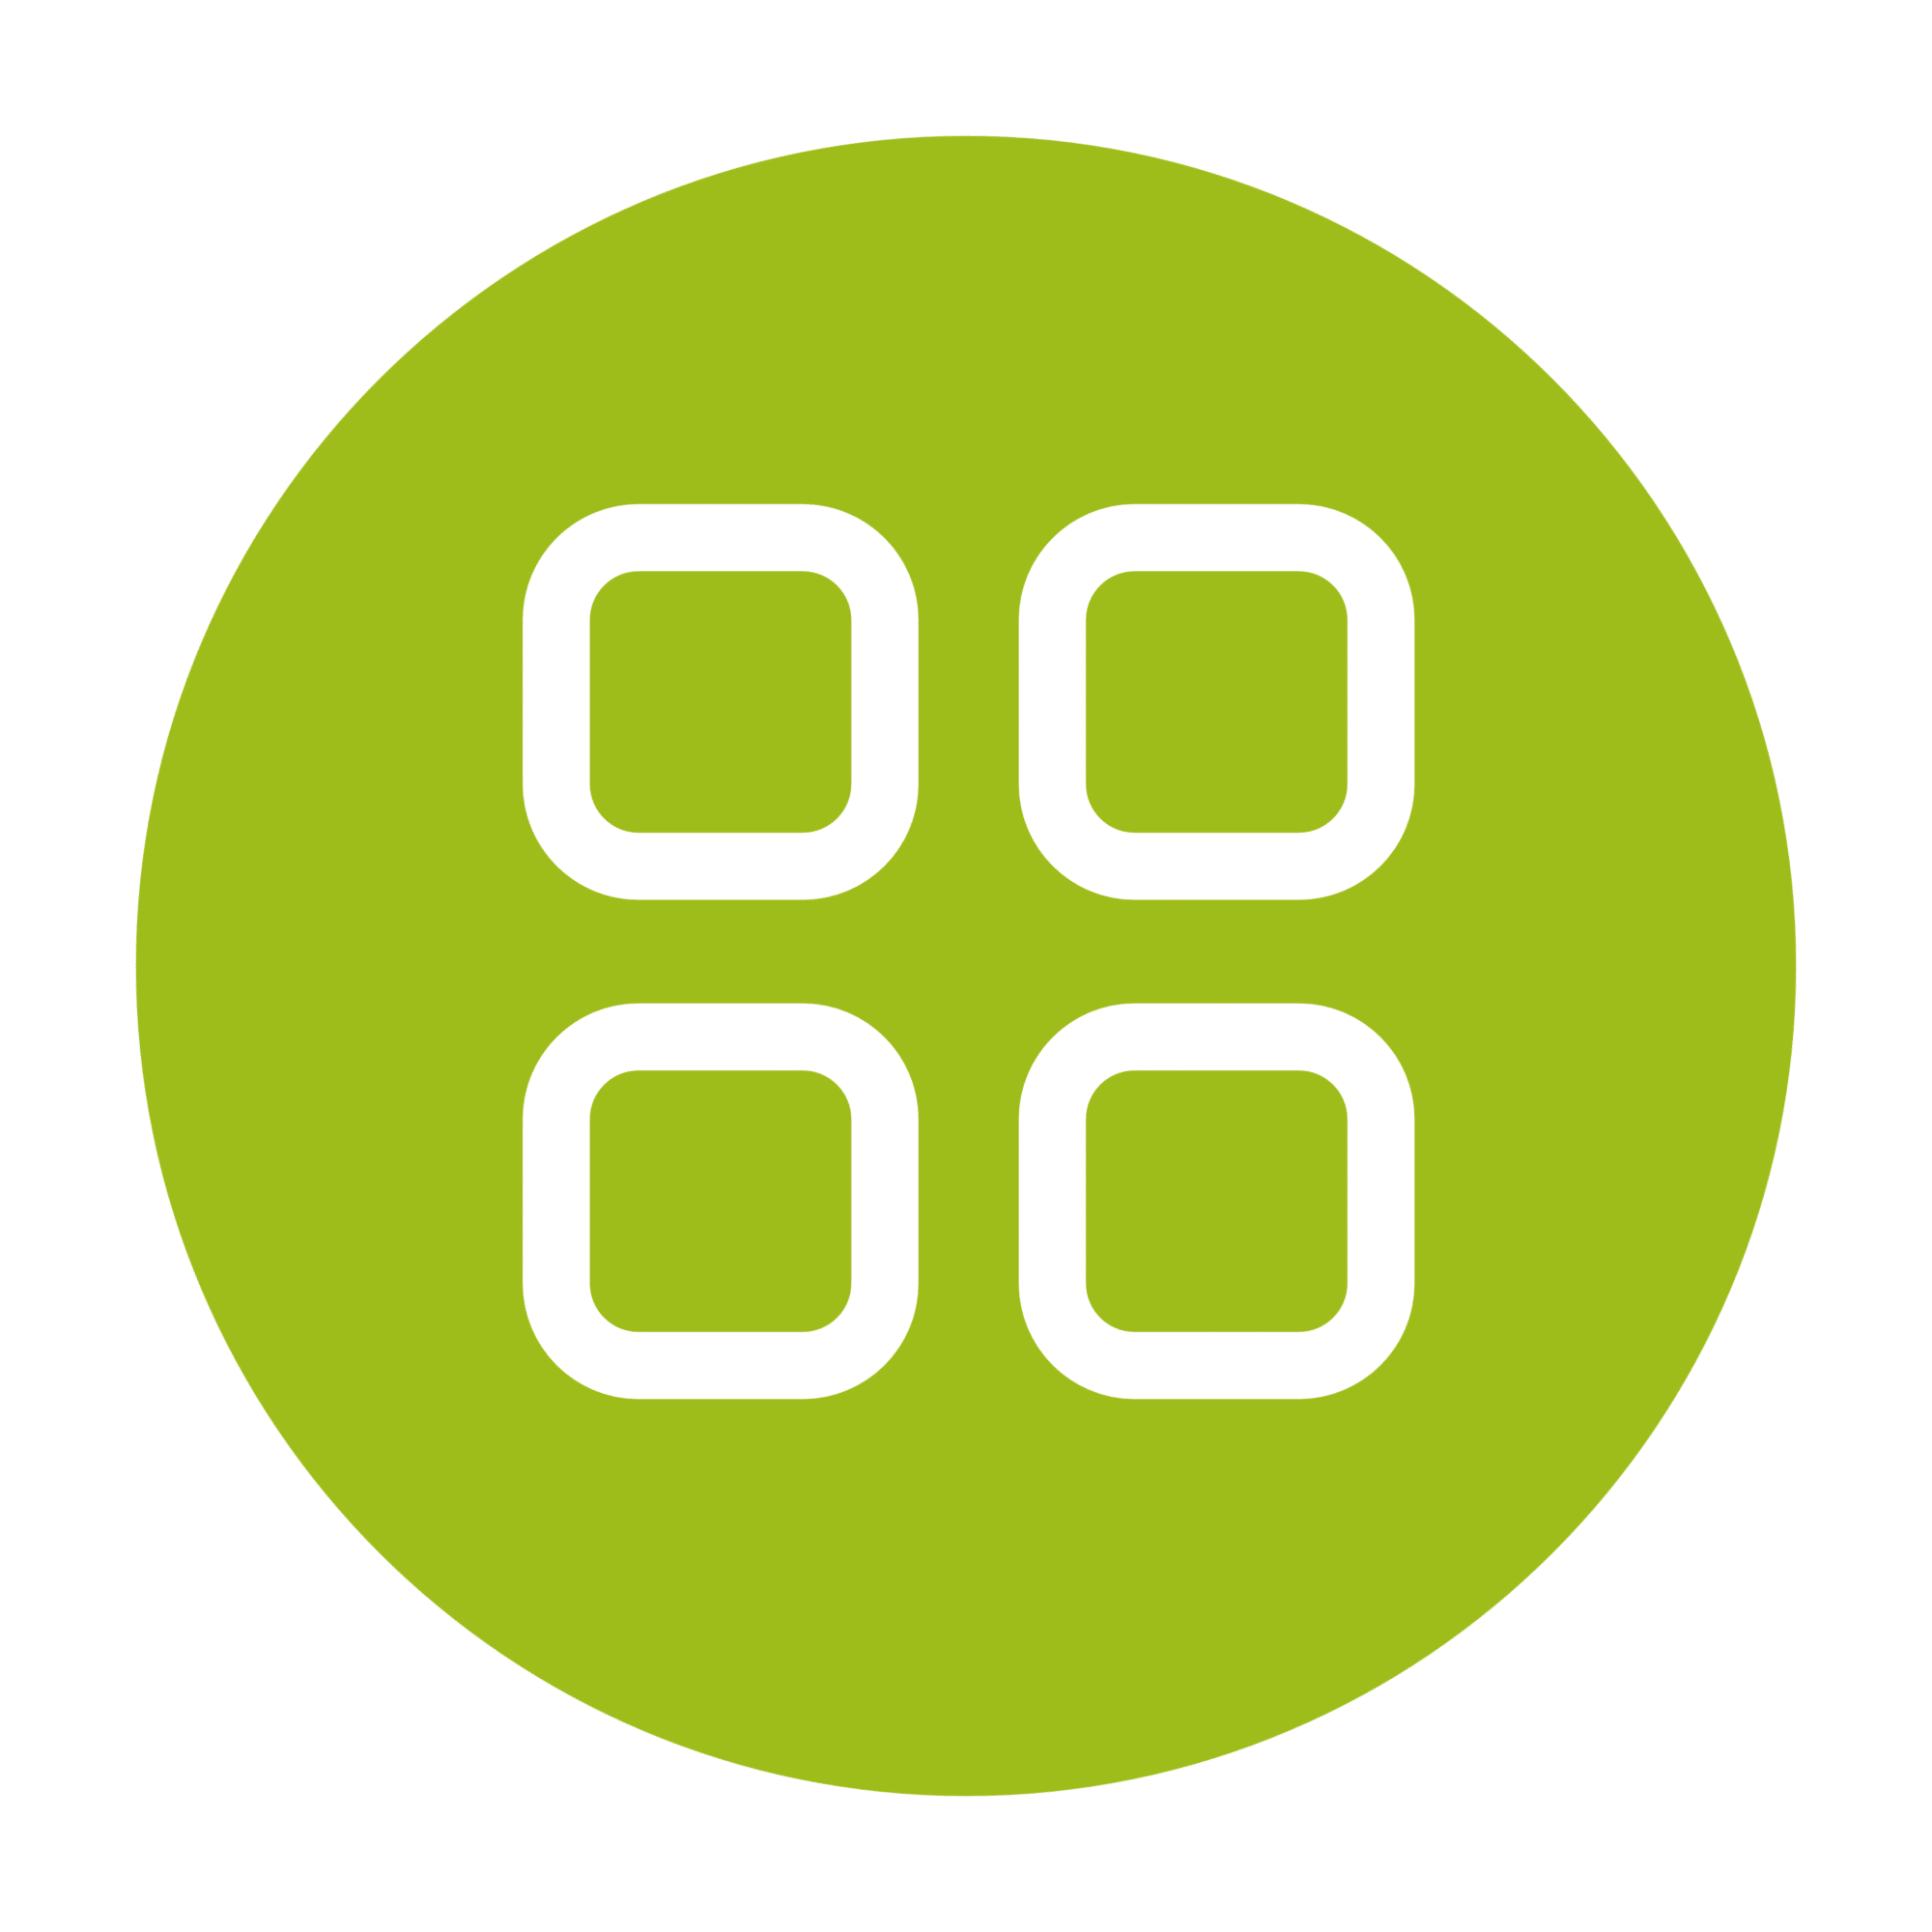 imagely-logo-icon-2019